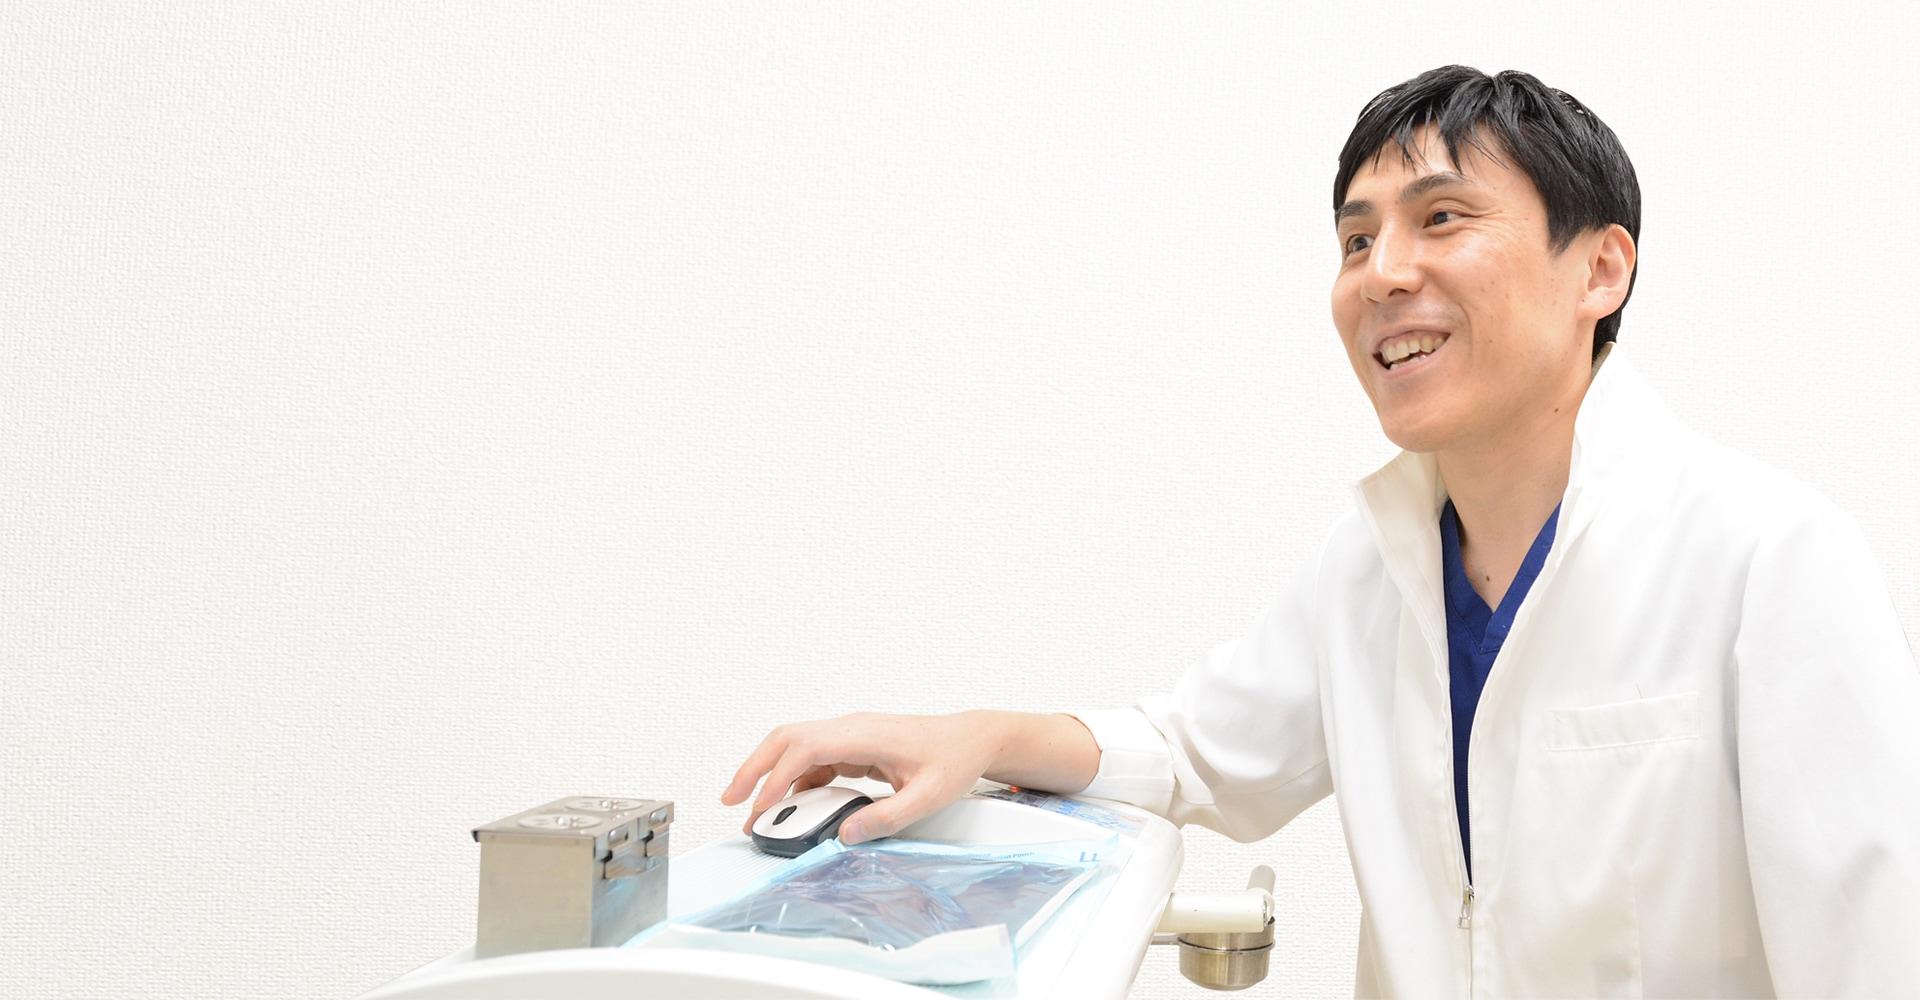 患者さまの笑顔のために。なるべく痛みのない治療をしたい。